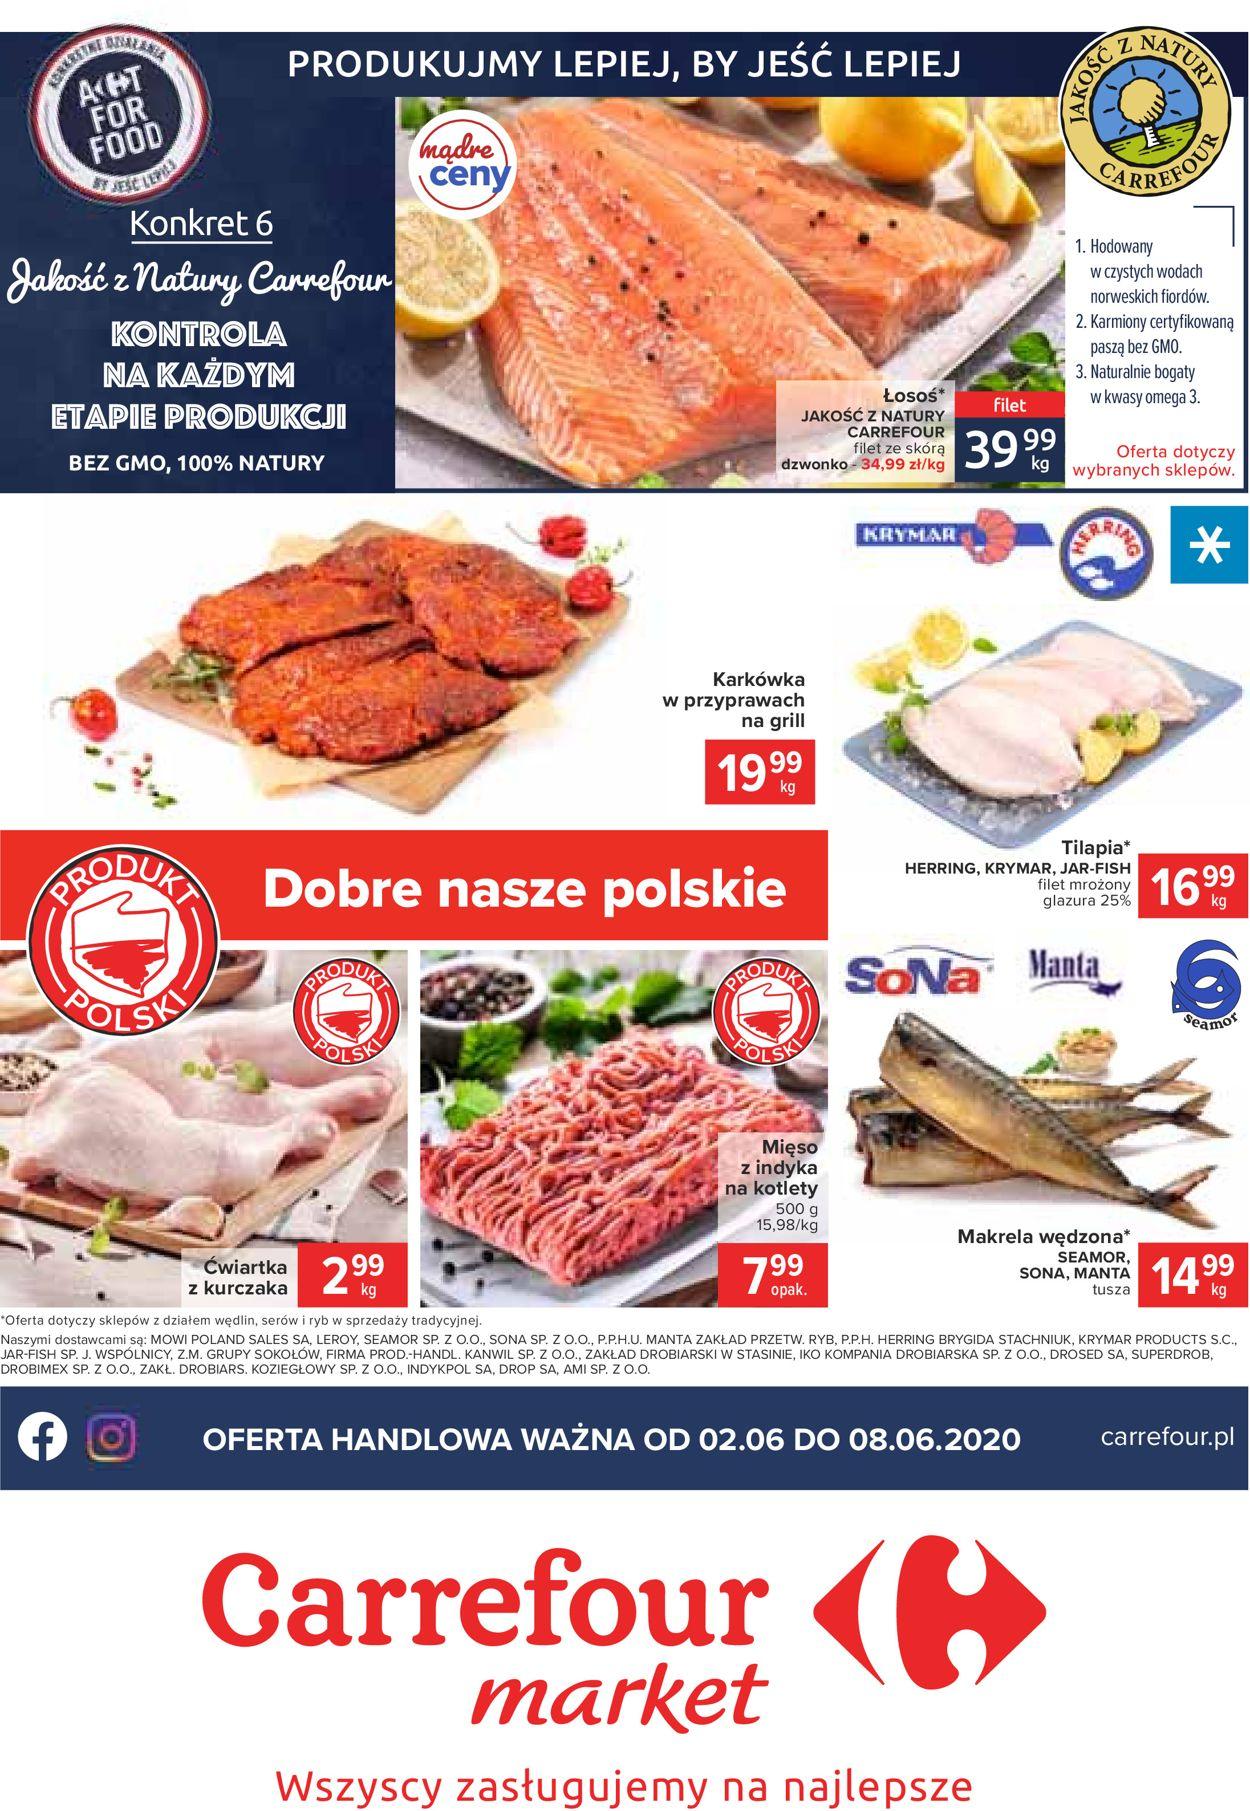 Gazetka promocyjna Carrefour Market - 02.06-08.06.2020